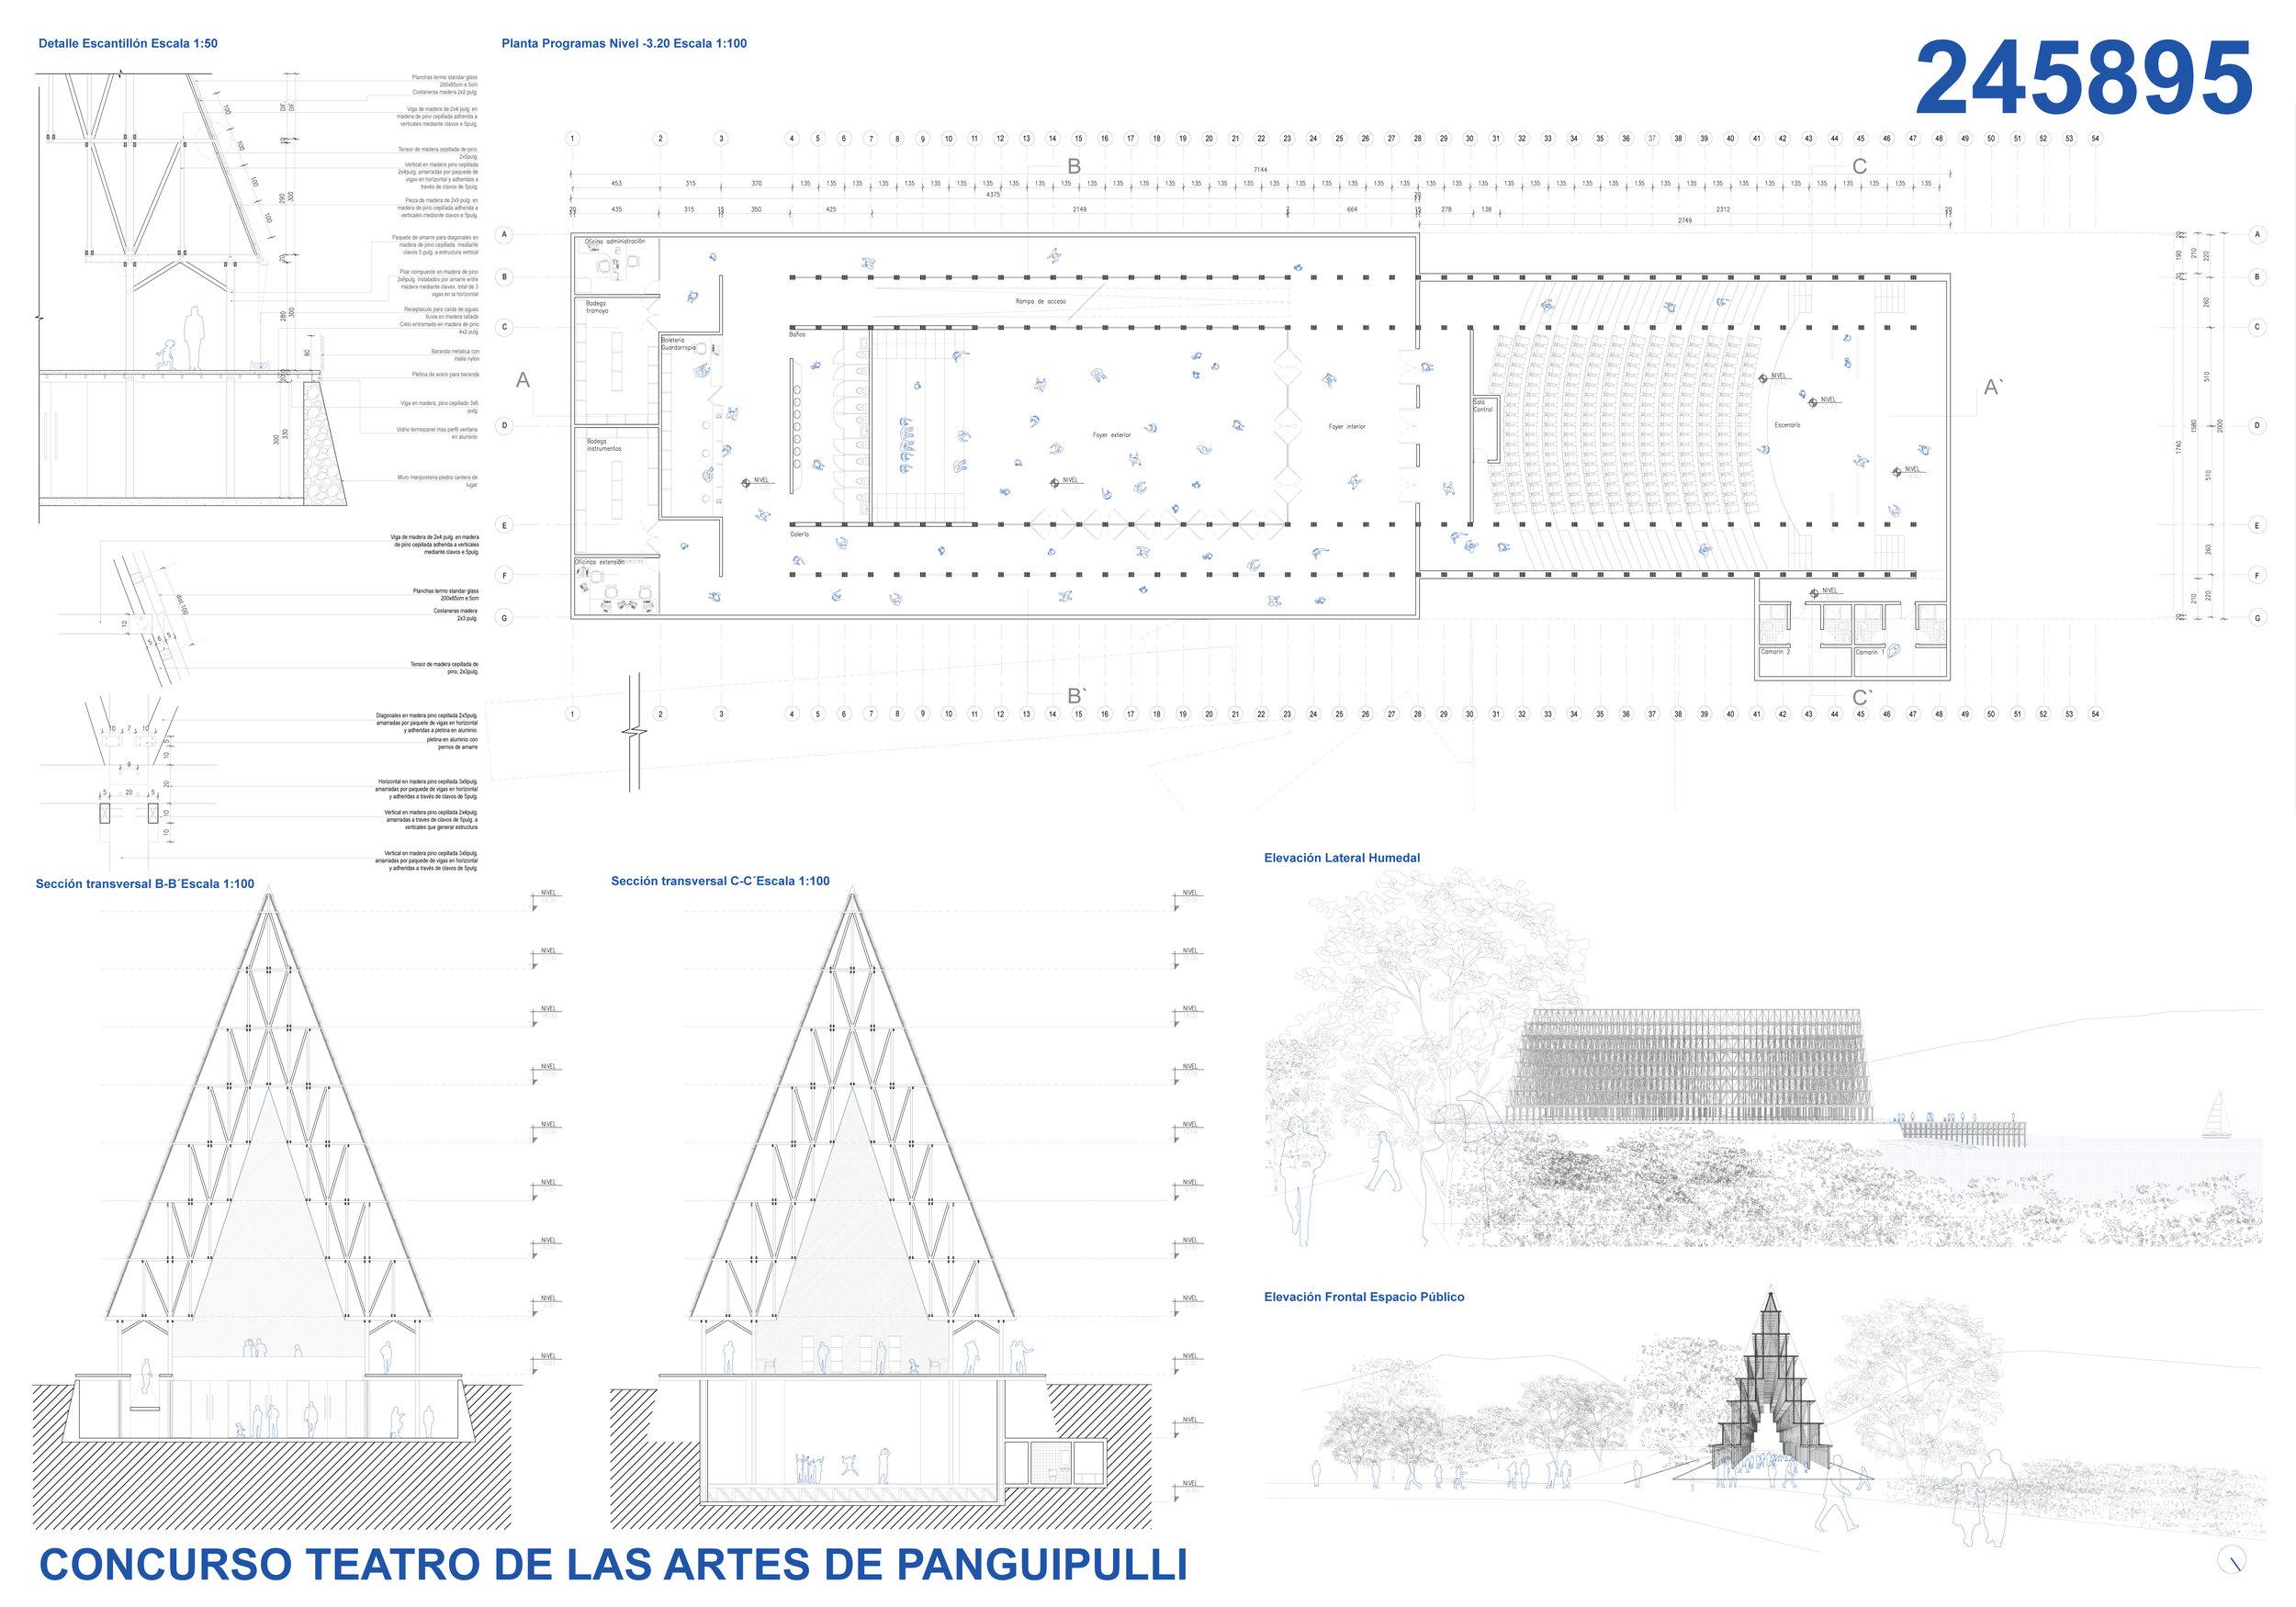 LAMINA CONCURSO panguipulli-3.jpg